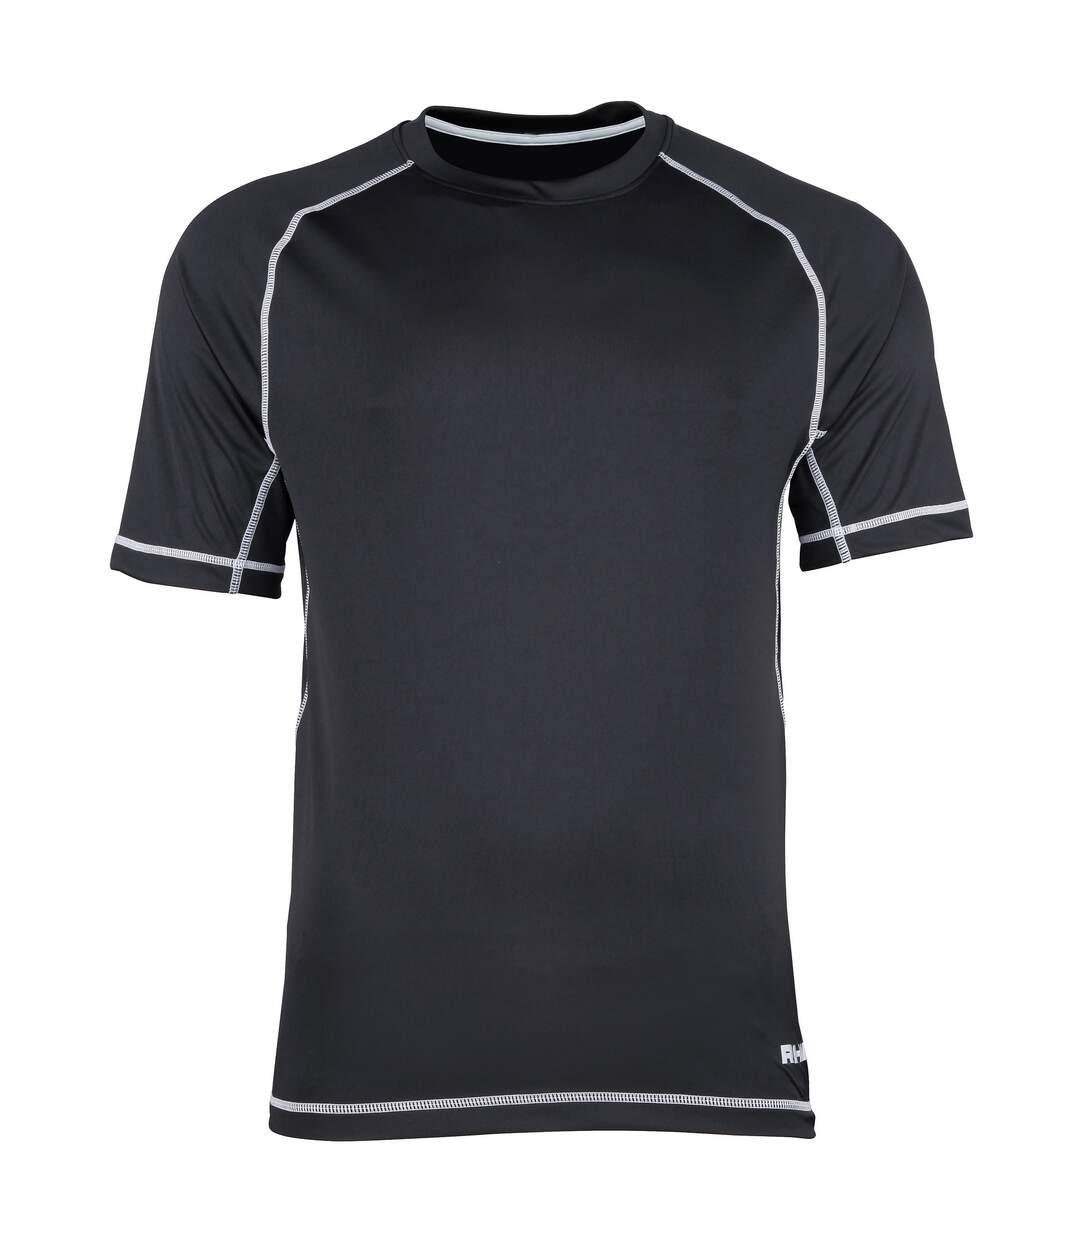 Rhino - T-shirt sport à manches courtes - Homme (Rouge/Surpiqûres blanches) - UTRW1286